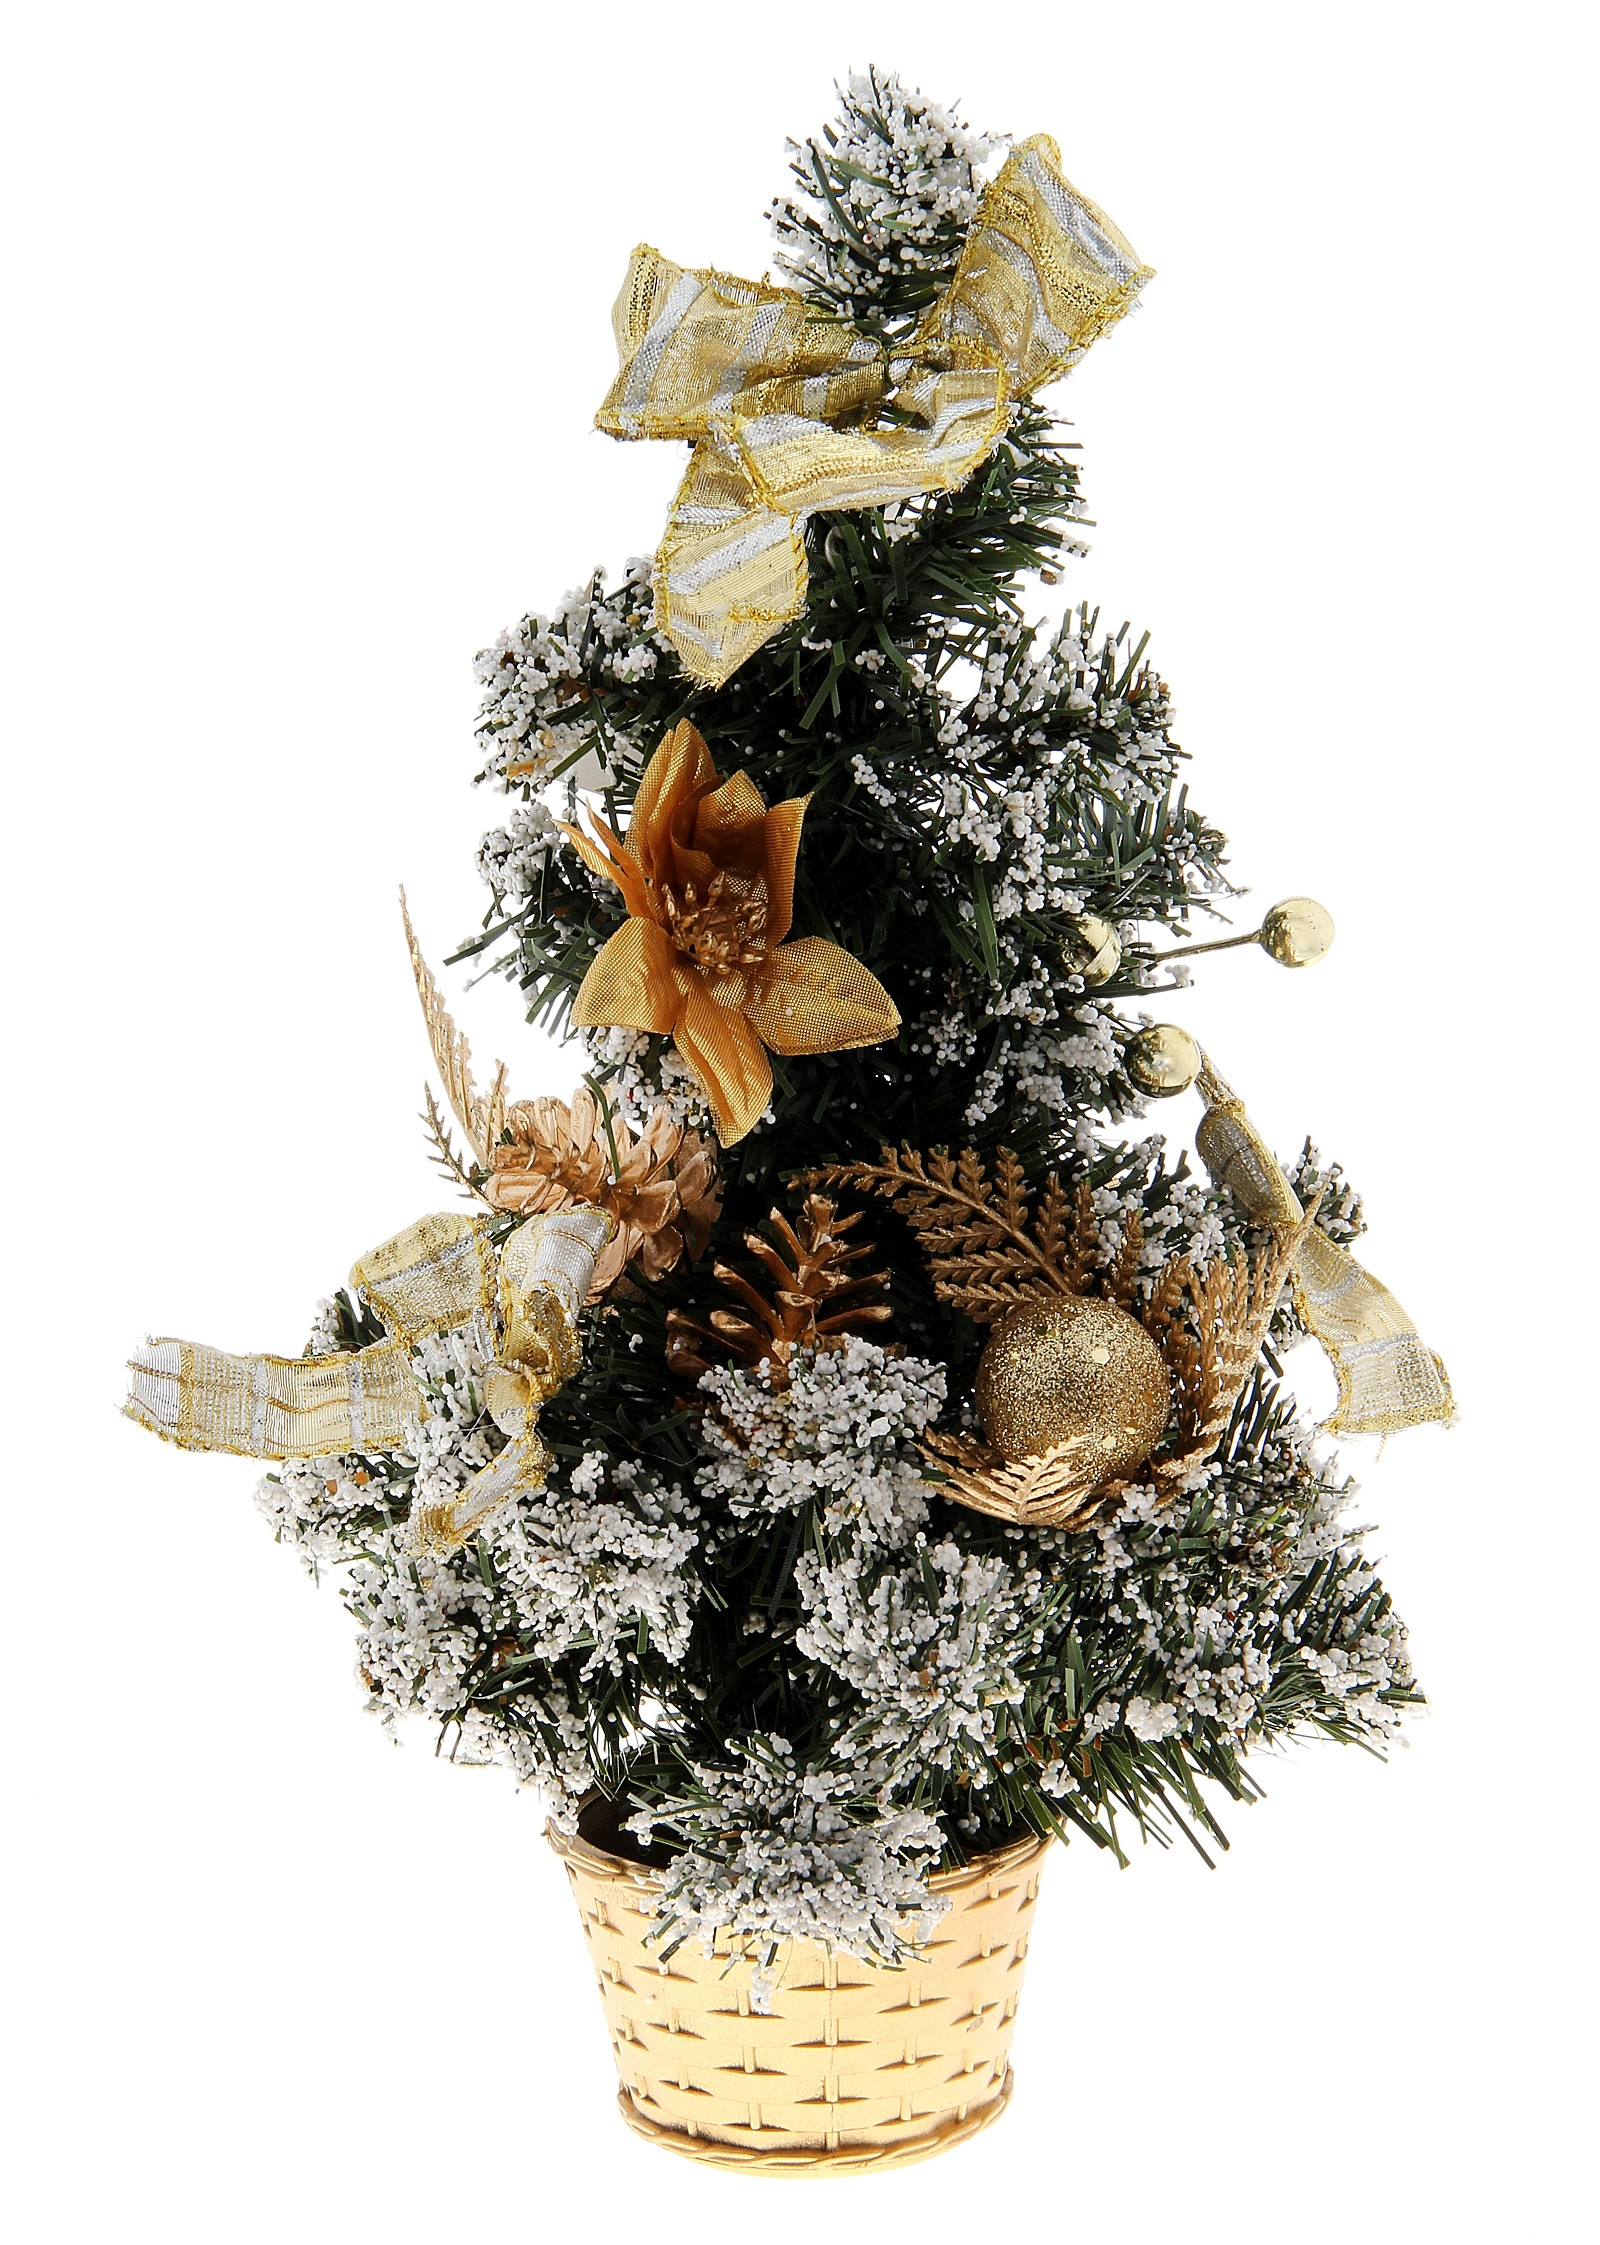 Декоративное украшение Новогодняя елочка, цвет: зеленый, золотистый, высота 30 см. 717974717974Декоративное украшение, выполненное из пластика - мини-елочка зеленого цвета для оформления интерьера к Новому году. Ее не нужно ни собирать, ни наряжать, зато настроение праздника она создает очень быстро. Елка украшена лентами, шишками и шариками. Елка украсит интерьер вашего дома или офиса к Новому году и создаст теплую и уютную атмосферу праздника.Откройте для себя удивительный мир сказок и грез. Почувствуйте волшебные минуты ожидания праздника, создайте новогоднее настроение вашим дорогим и близким. Характеристики:Материал: пластик, металл, текстиль. Цвет: зеленый, золотистый. Размер елочки: 17 см х 17 см х 30 см. Артикул: 717974.